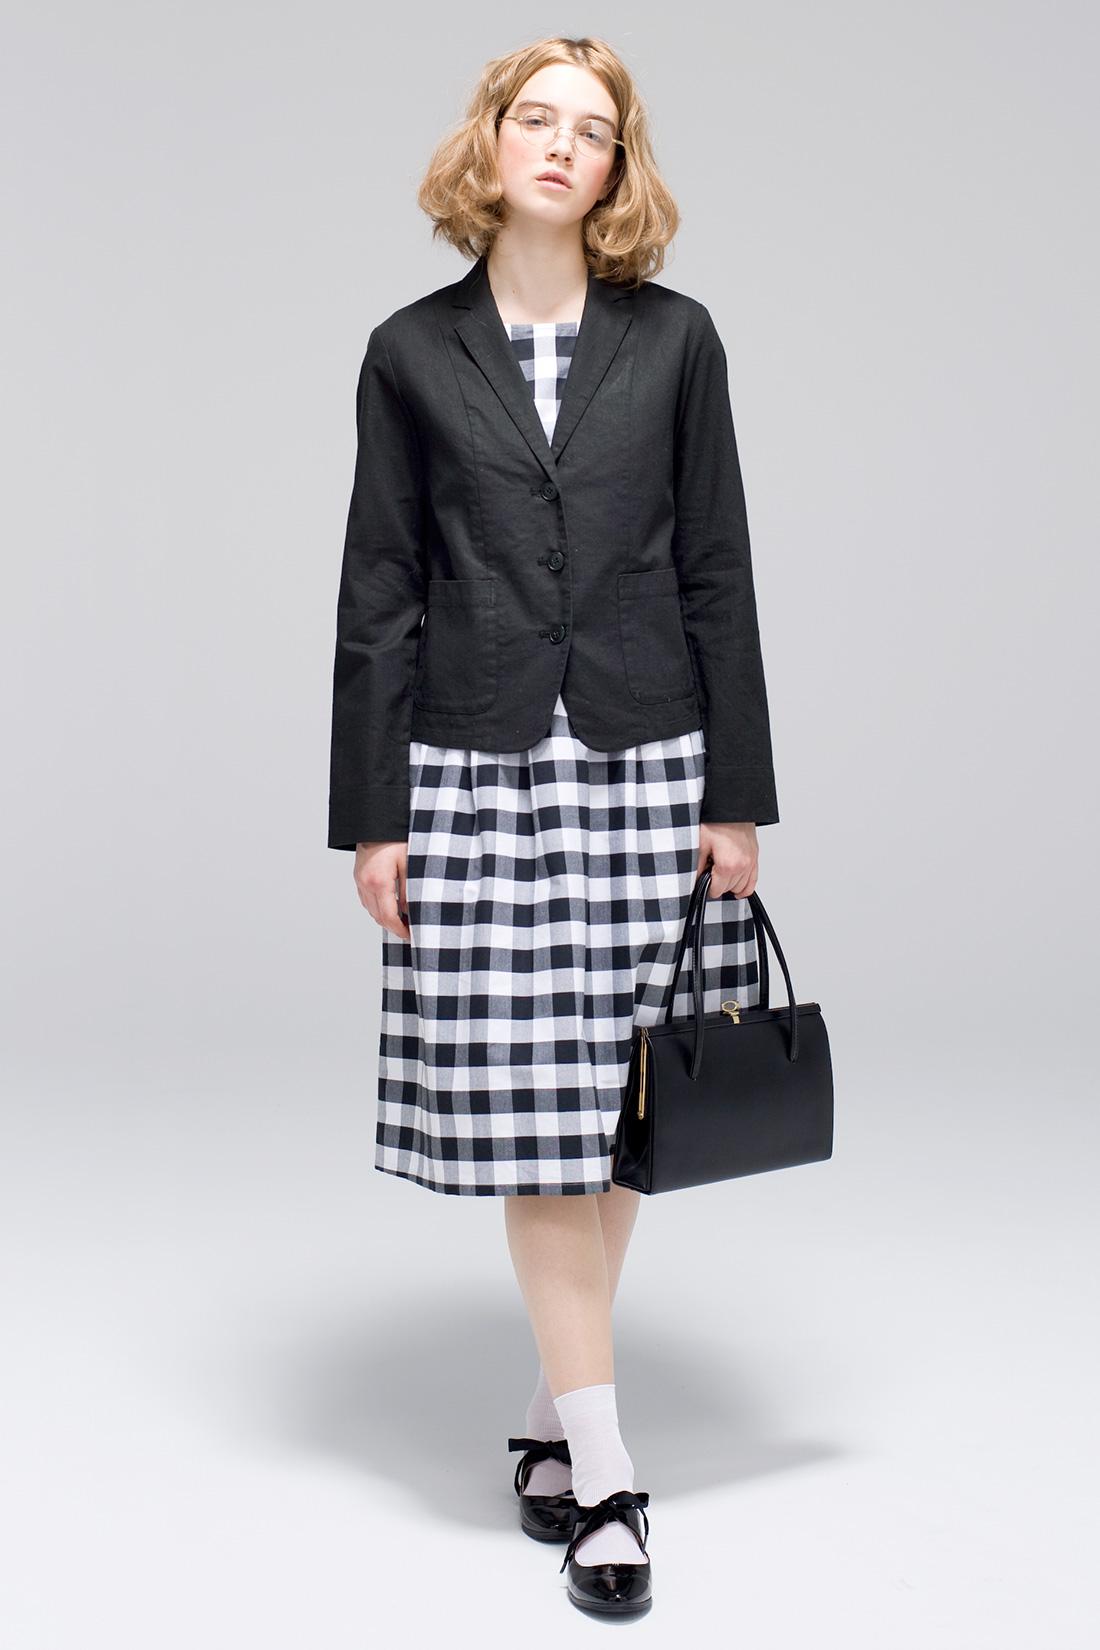 ジャケットをプラスコーデで気持ちもクラスアップ。 ワードローブの中で、黒のジャケットは特別な存在。着るだけで、きちんと感が数段アップする魔法のアイテム。大好きな麻混素材のものを選べば、カッチリしすぎず、いつものコーディネイトにもしっくり似合うね。ストッキングじゃなくて薄手のソックスを合わせるのが私らしさ。